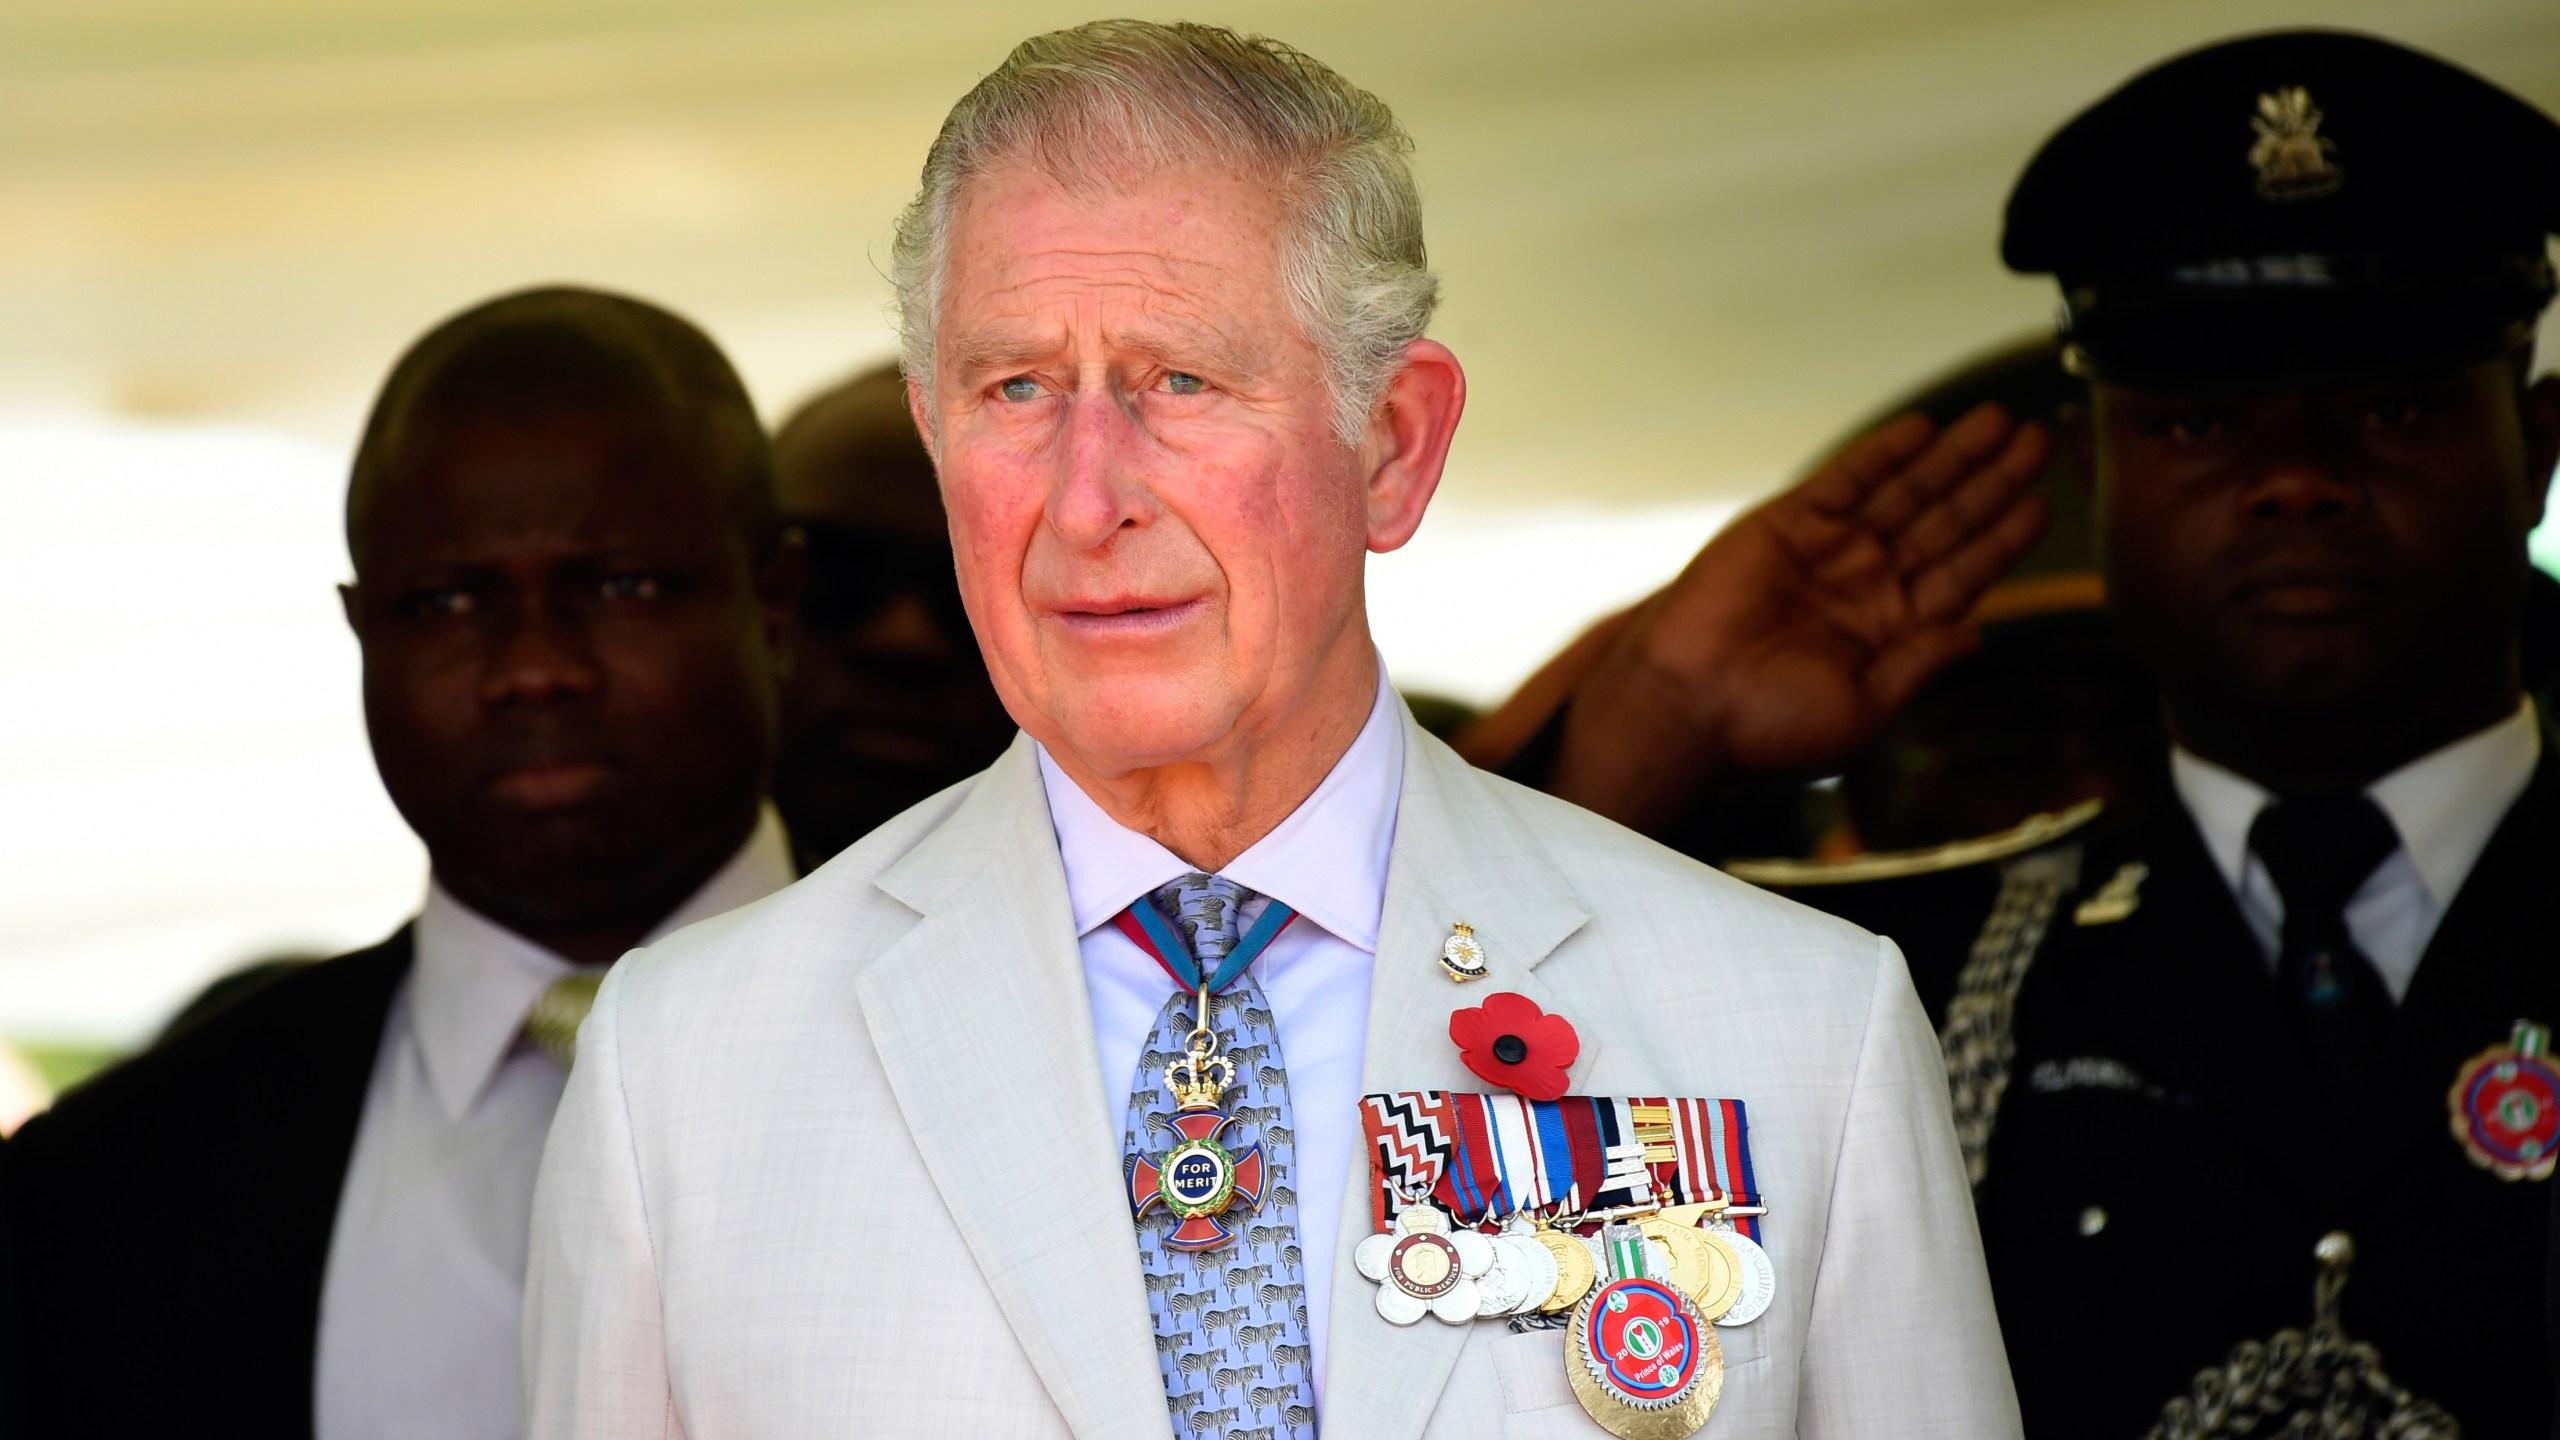 Prince-Charles_1542228199281.jpg